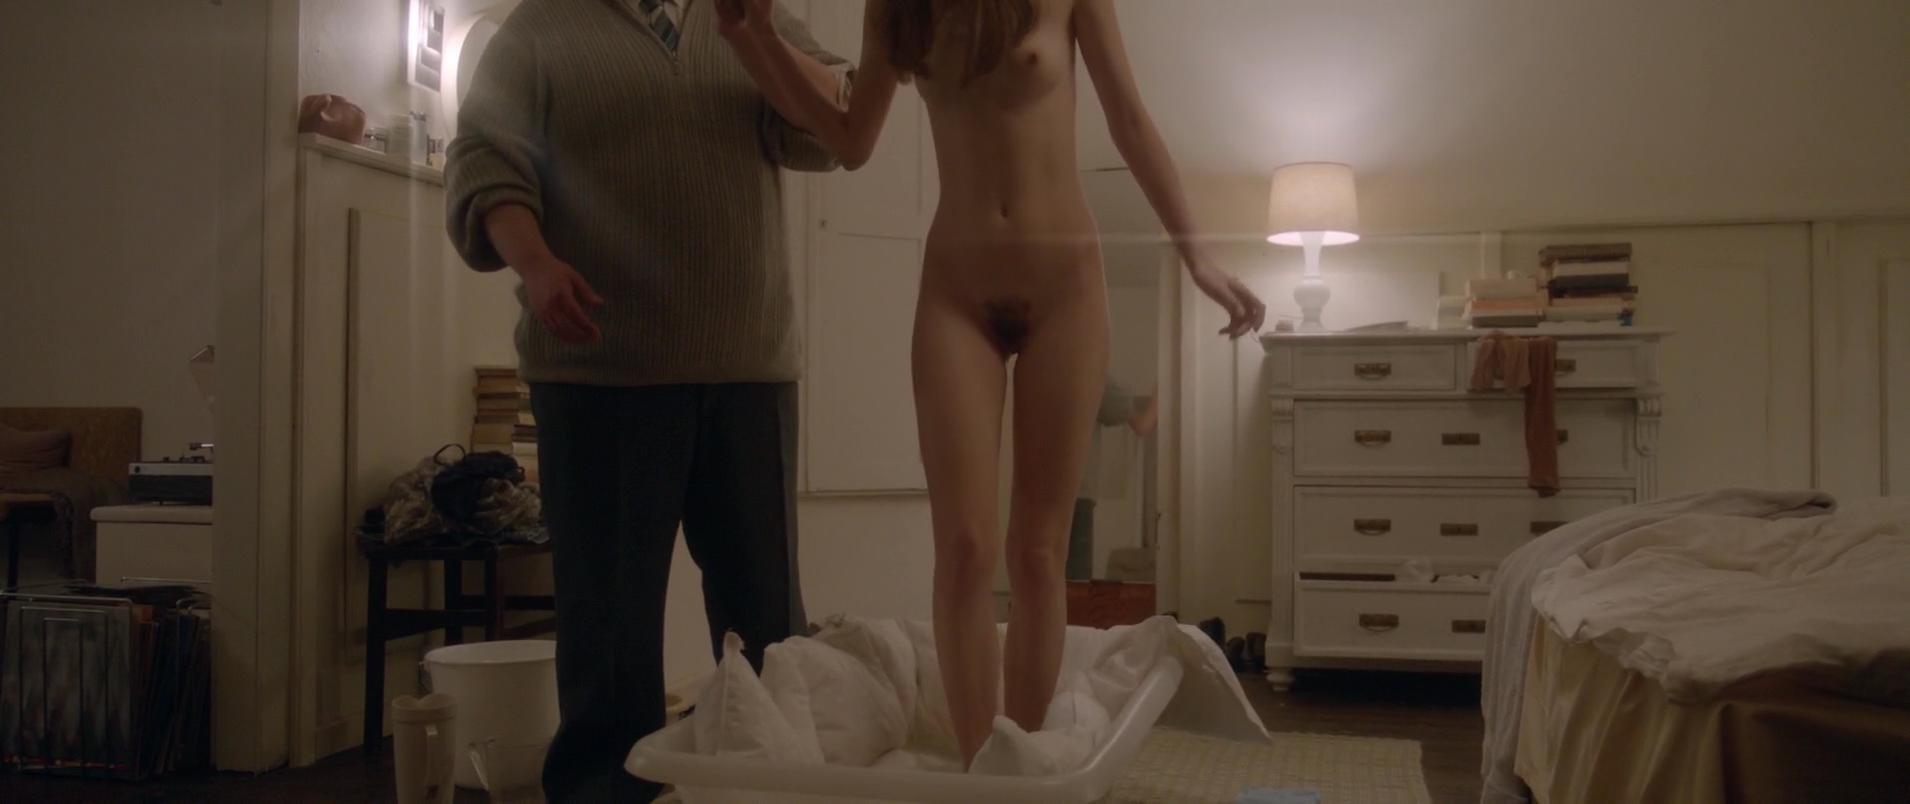 Stacy Martin nude - Nymphomaniac (2013)